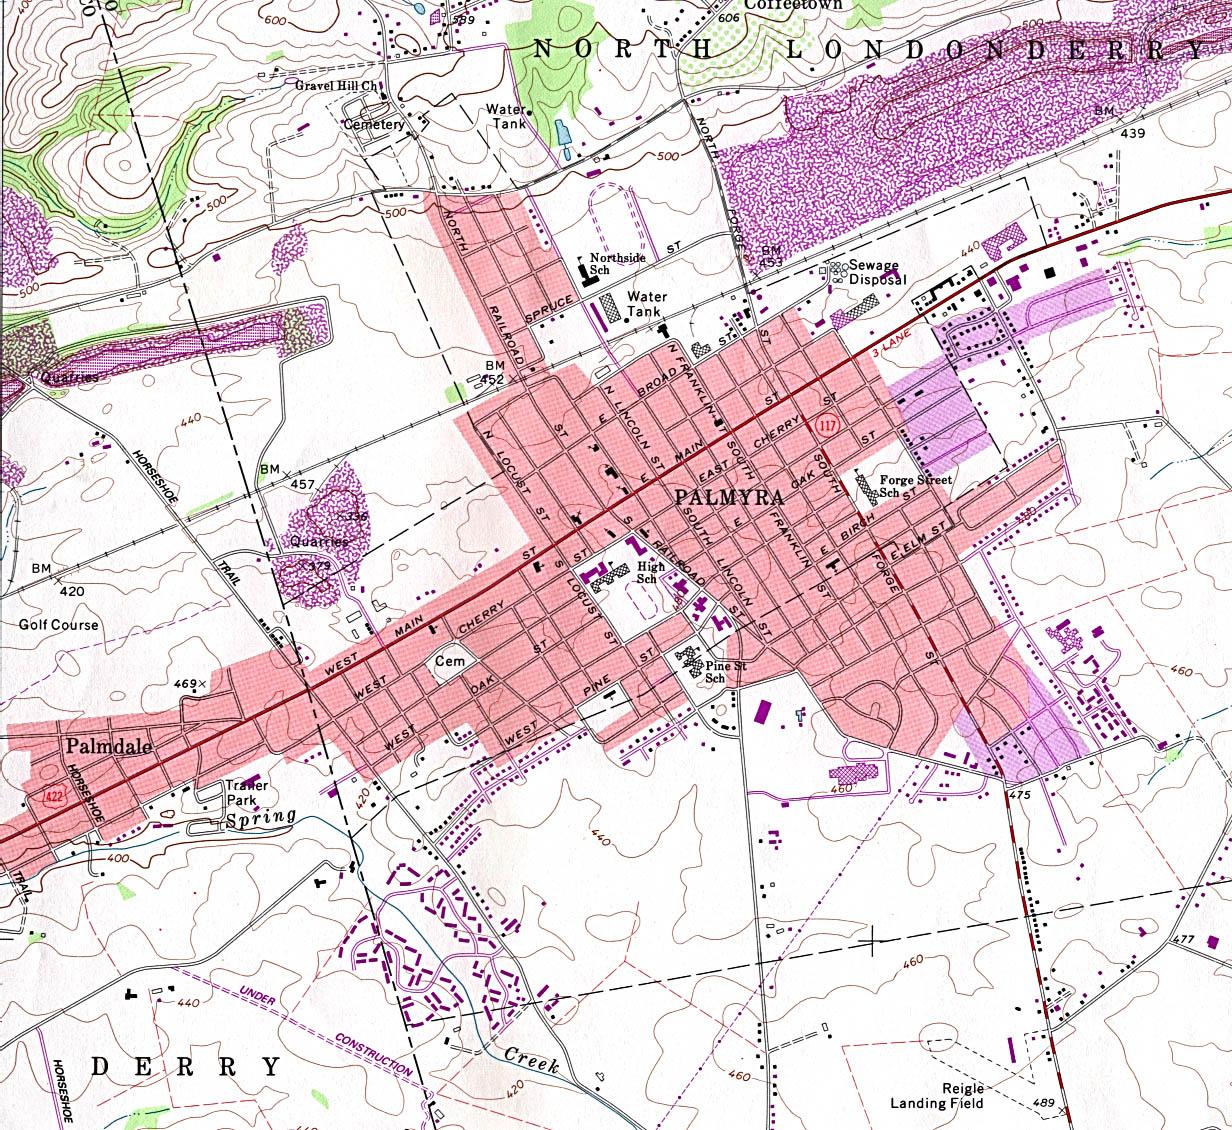 Mapa Topográfico de la Ciudad de Palmyra, Pensilvania, Estados Unidos